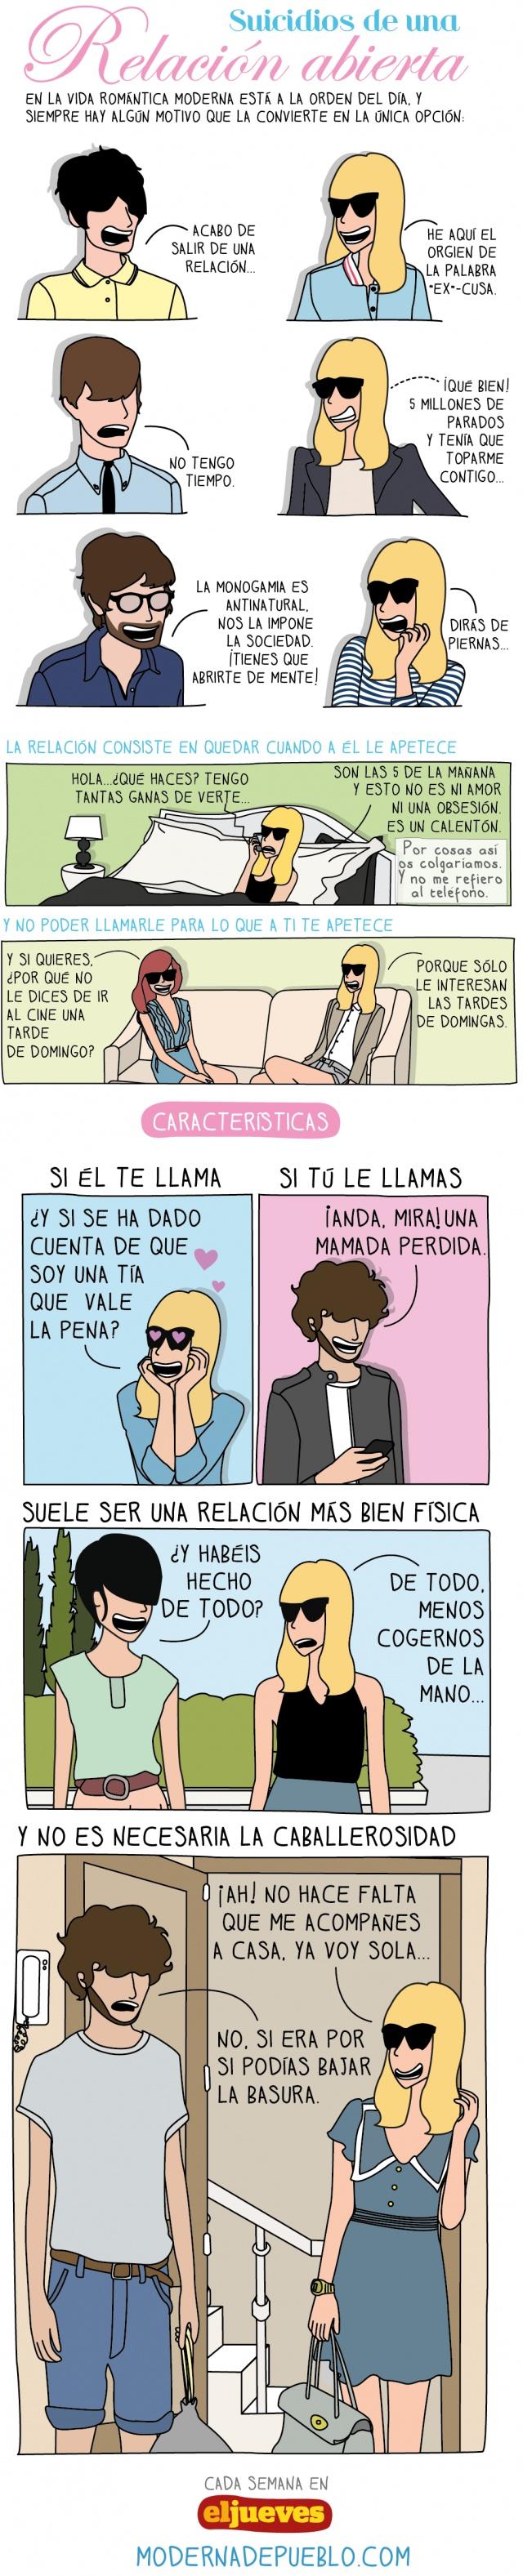 Relación abierta...by Moderna de pueblo